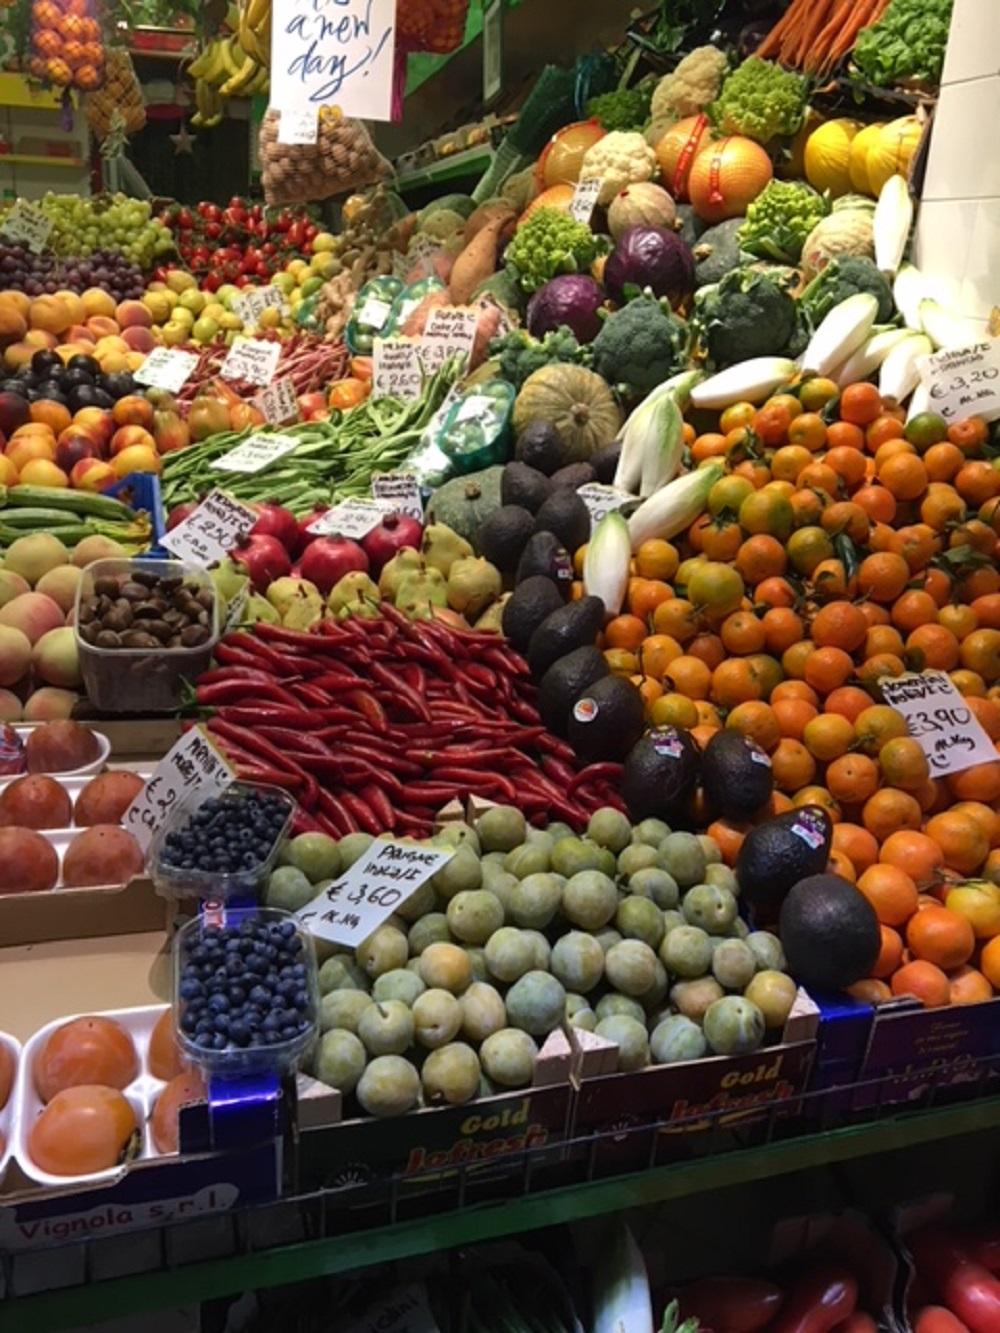 marketgenoa1.jpg